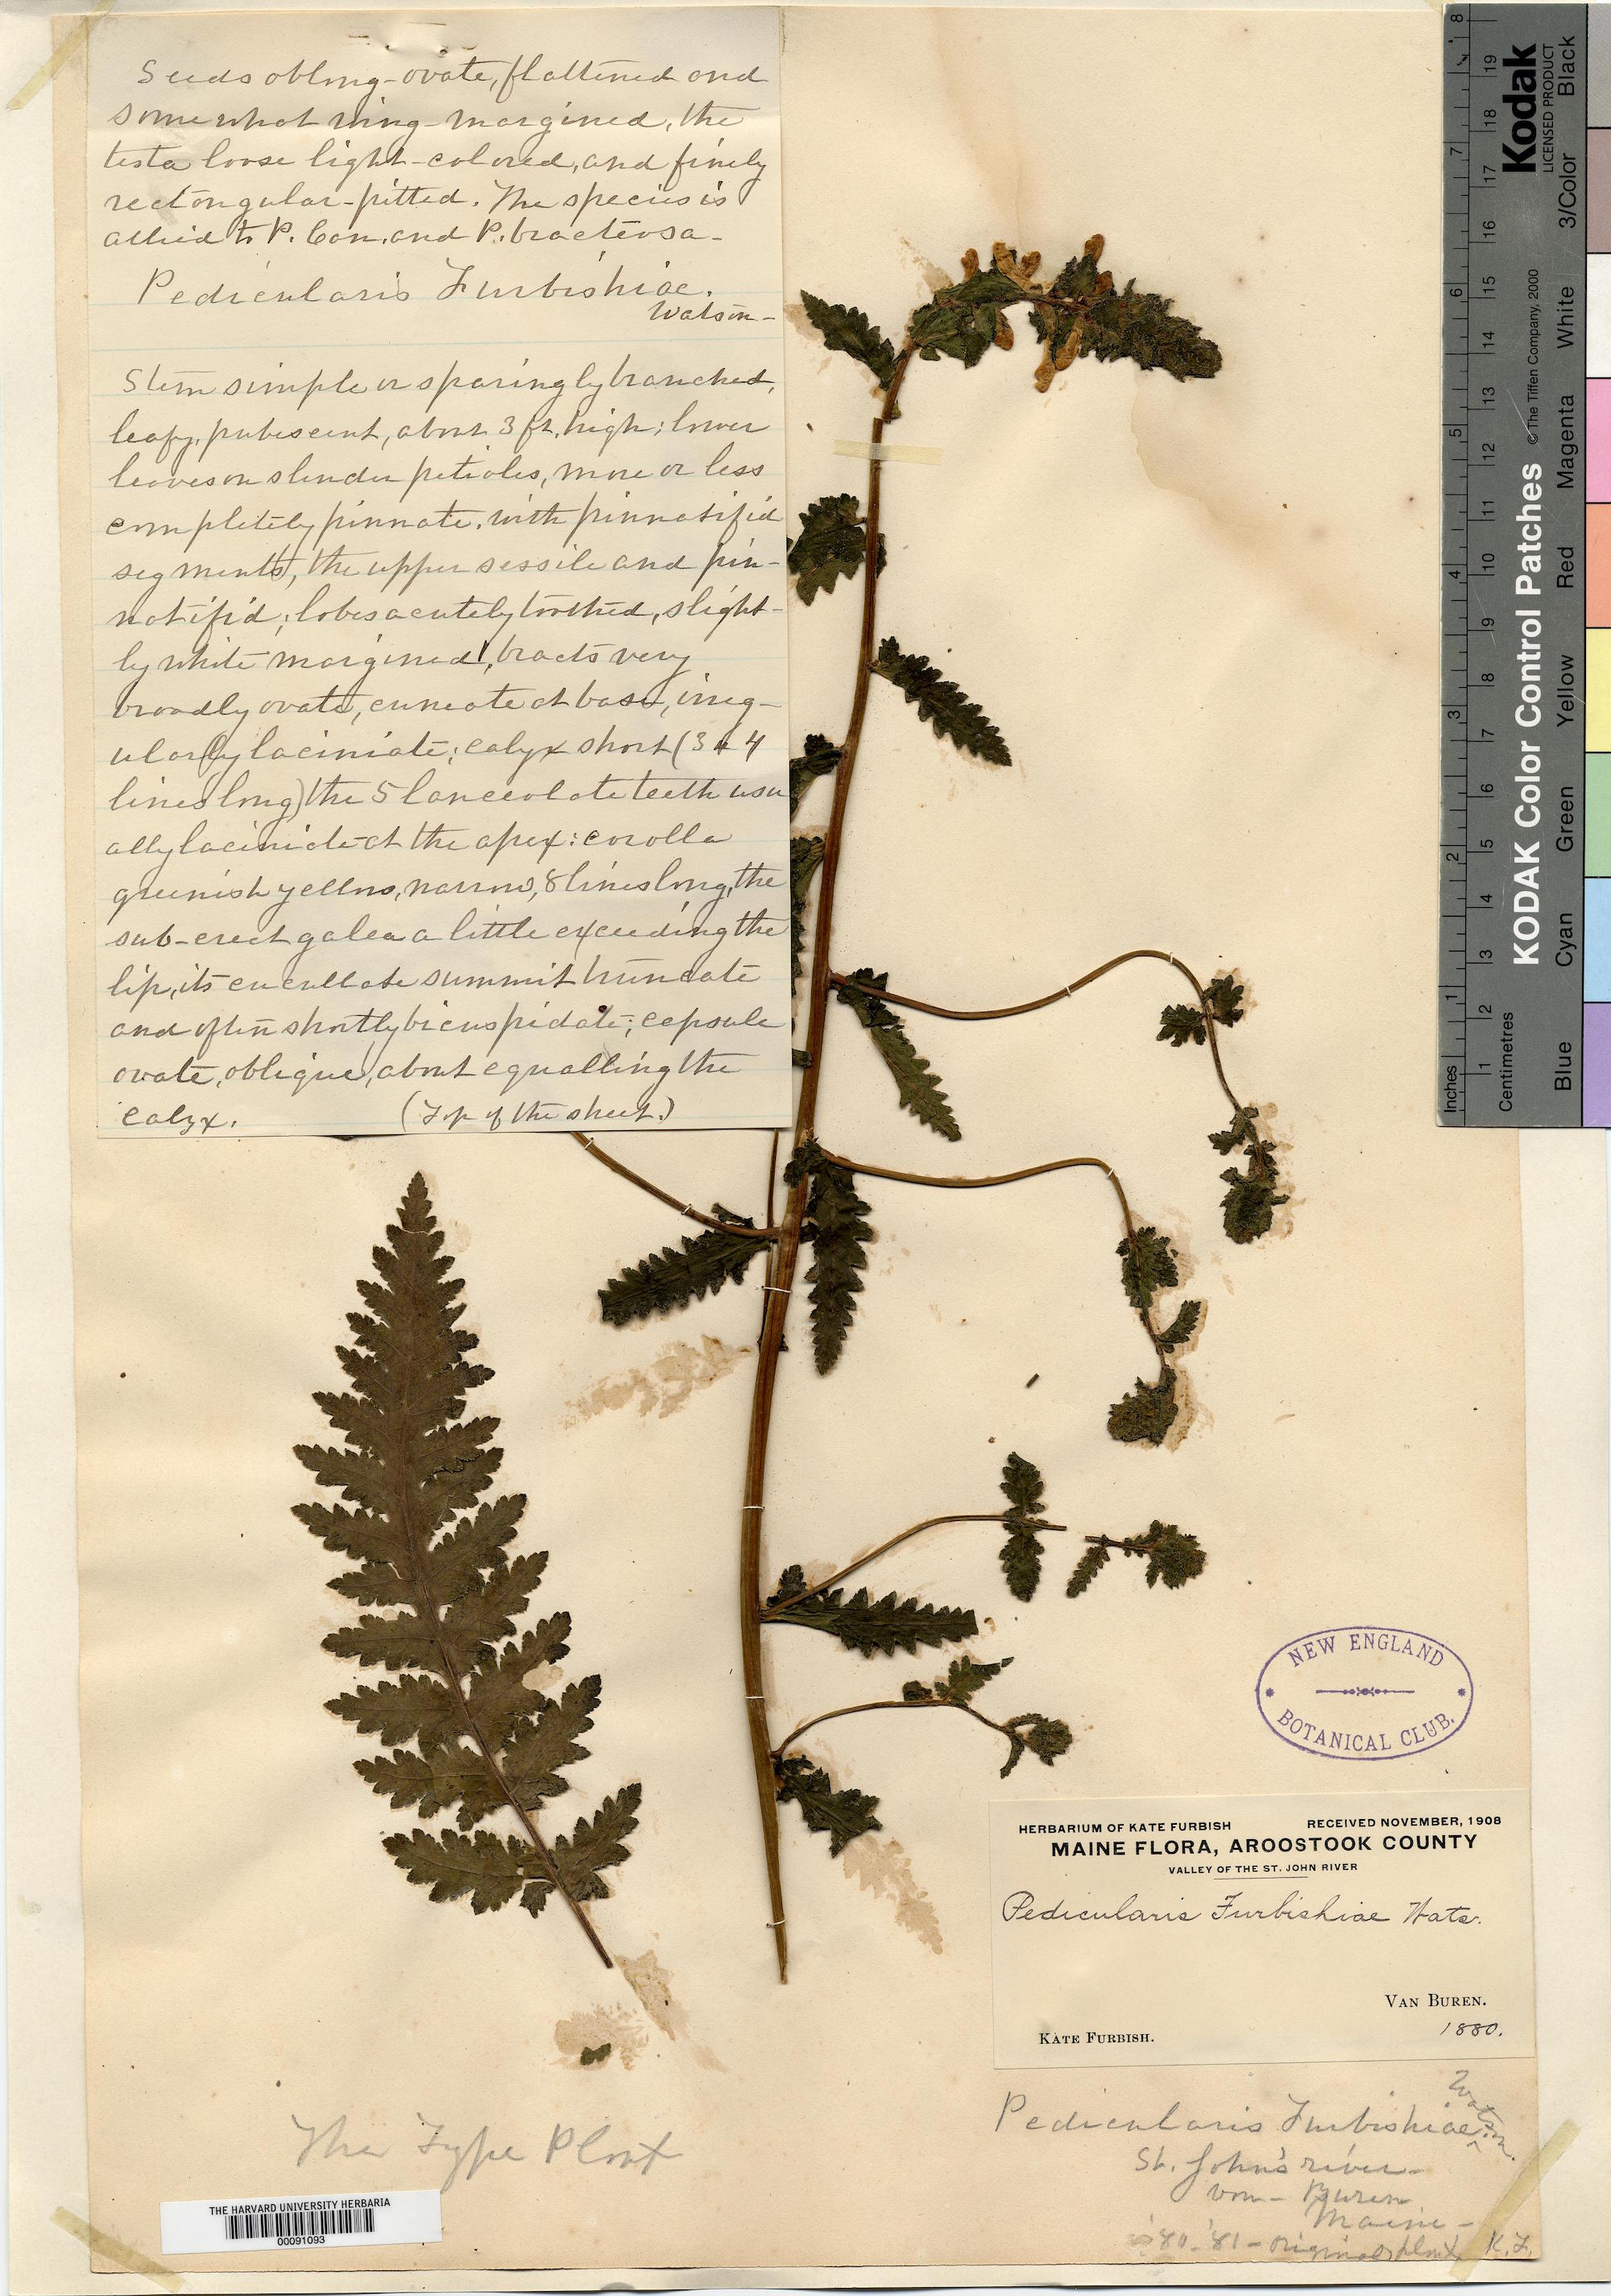 Pressing of the Pedicularis furbishiae named after Catherine Furbish